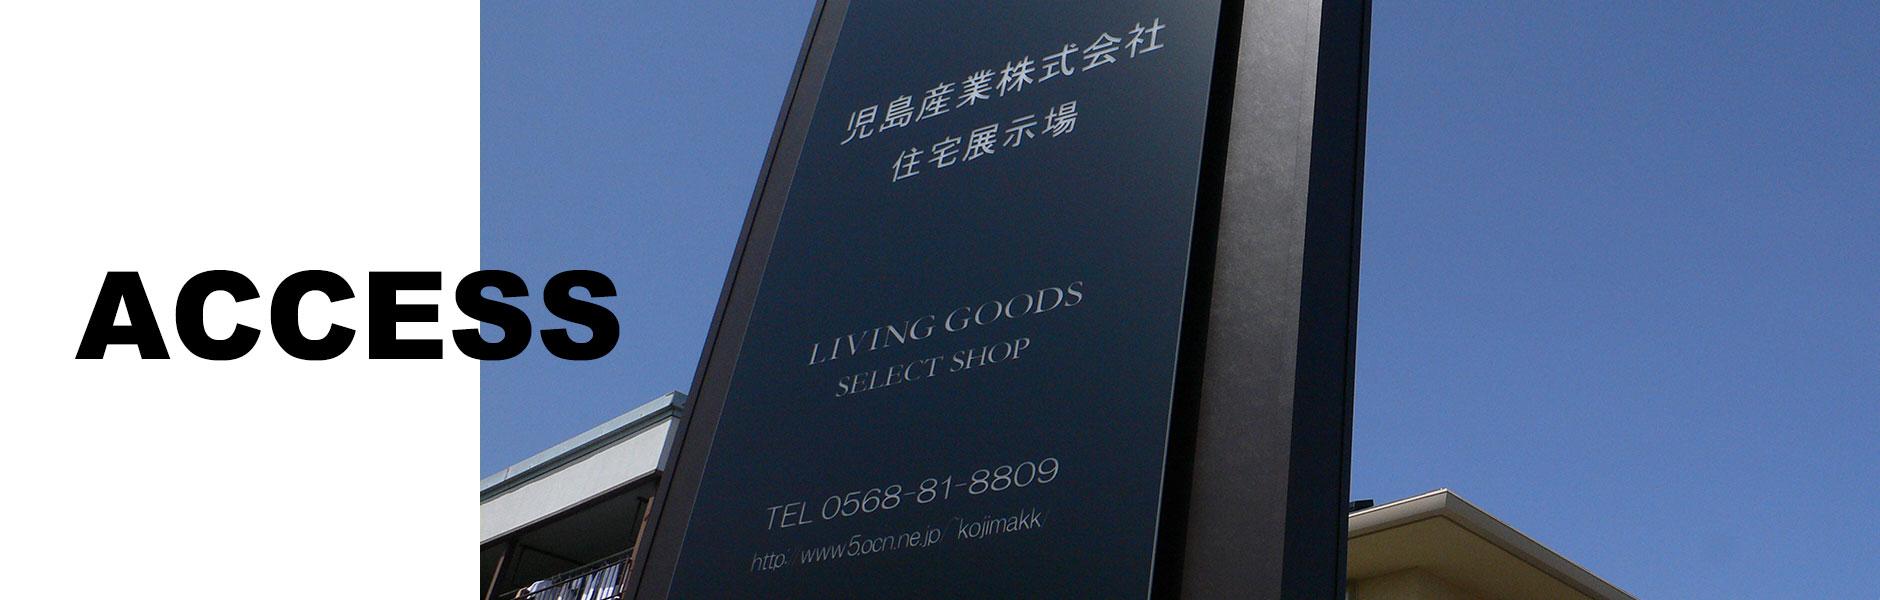 児島産業株式会社|ACCESS